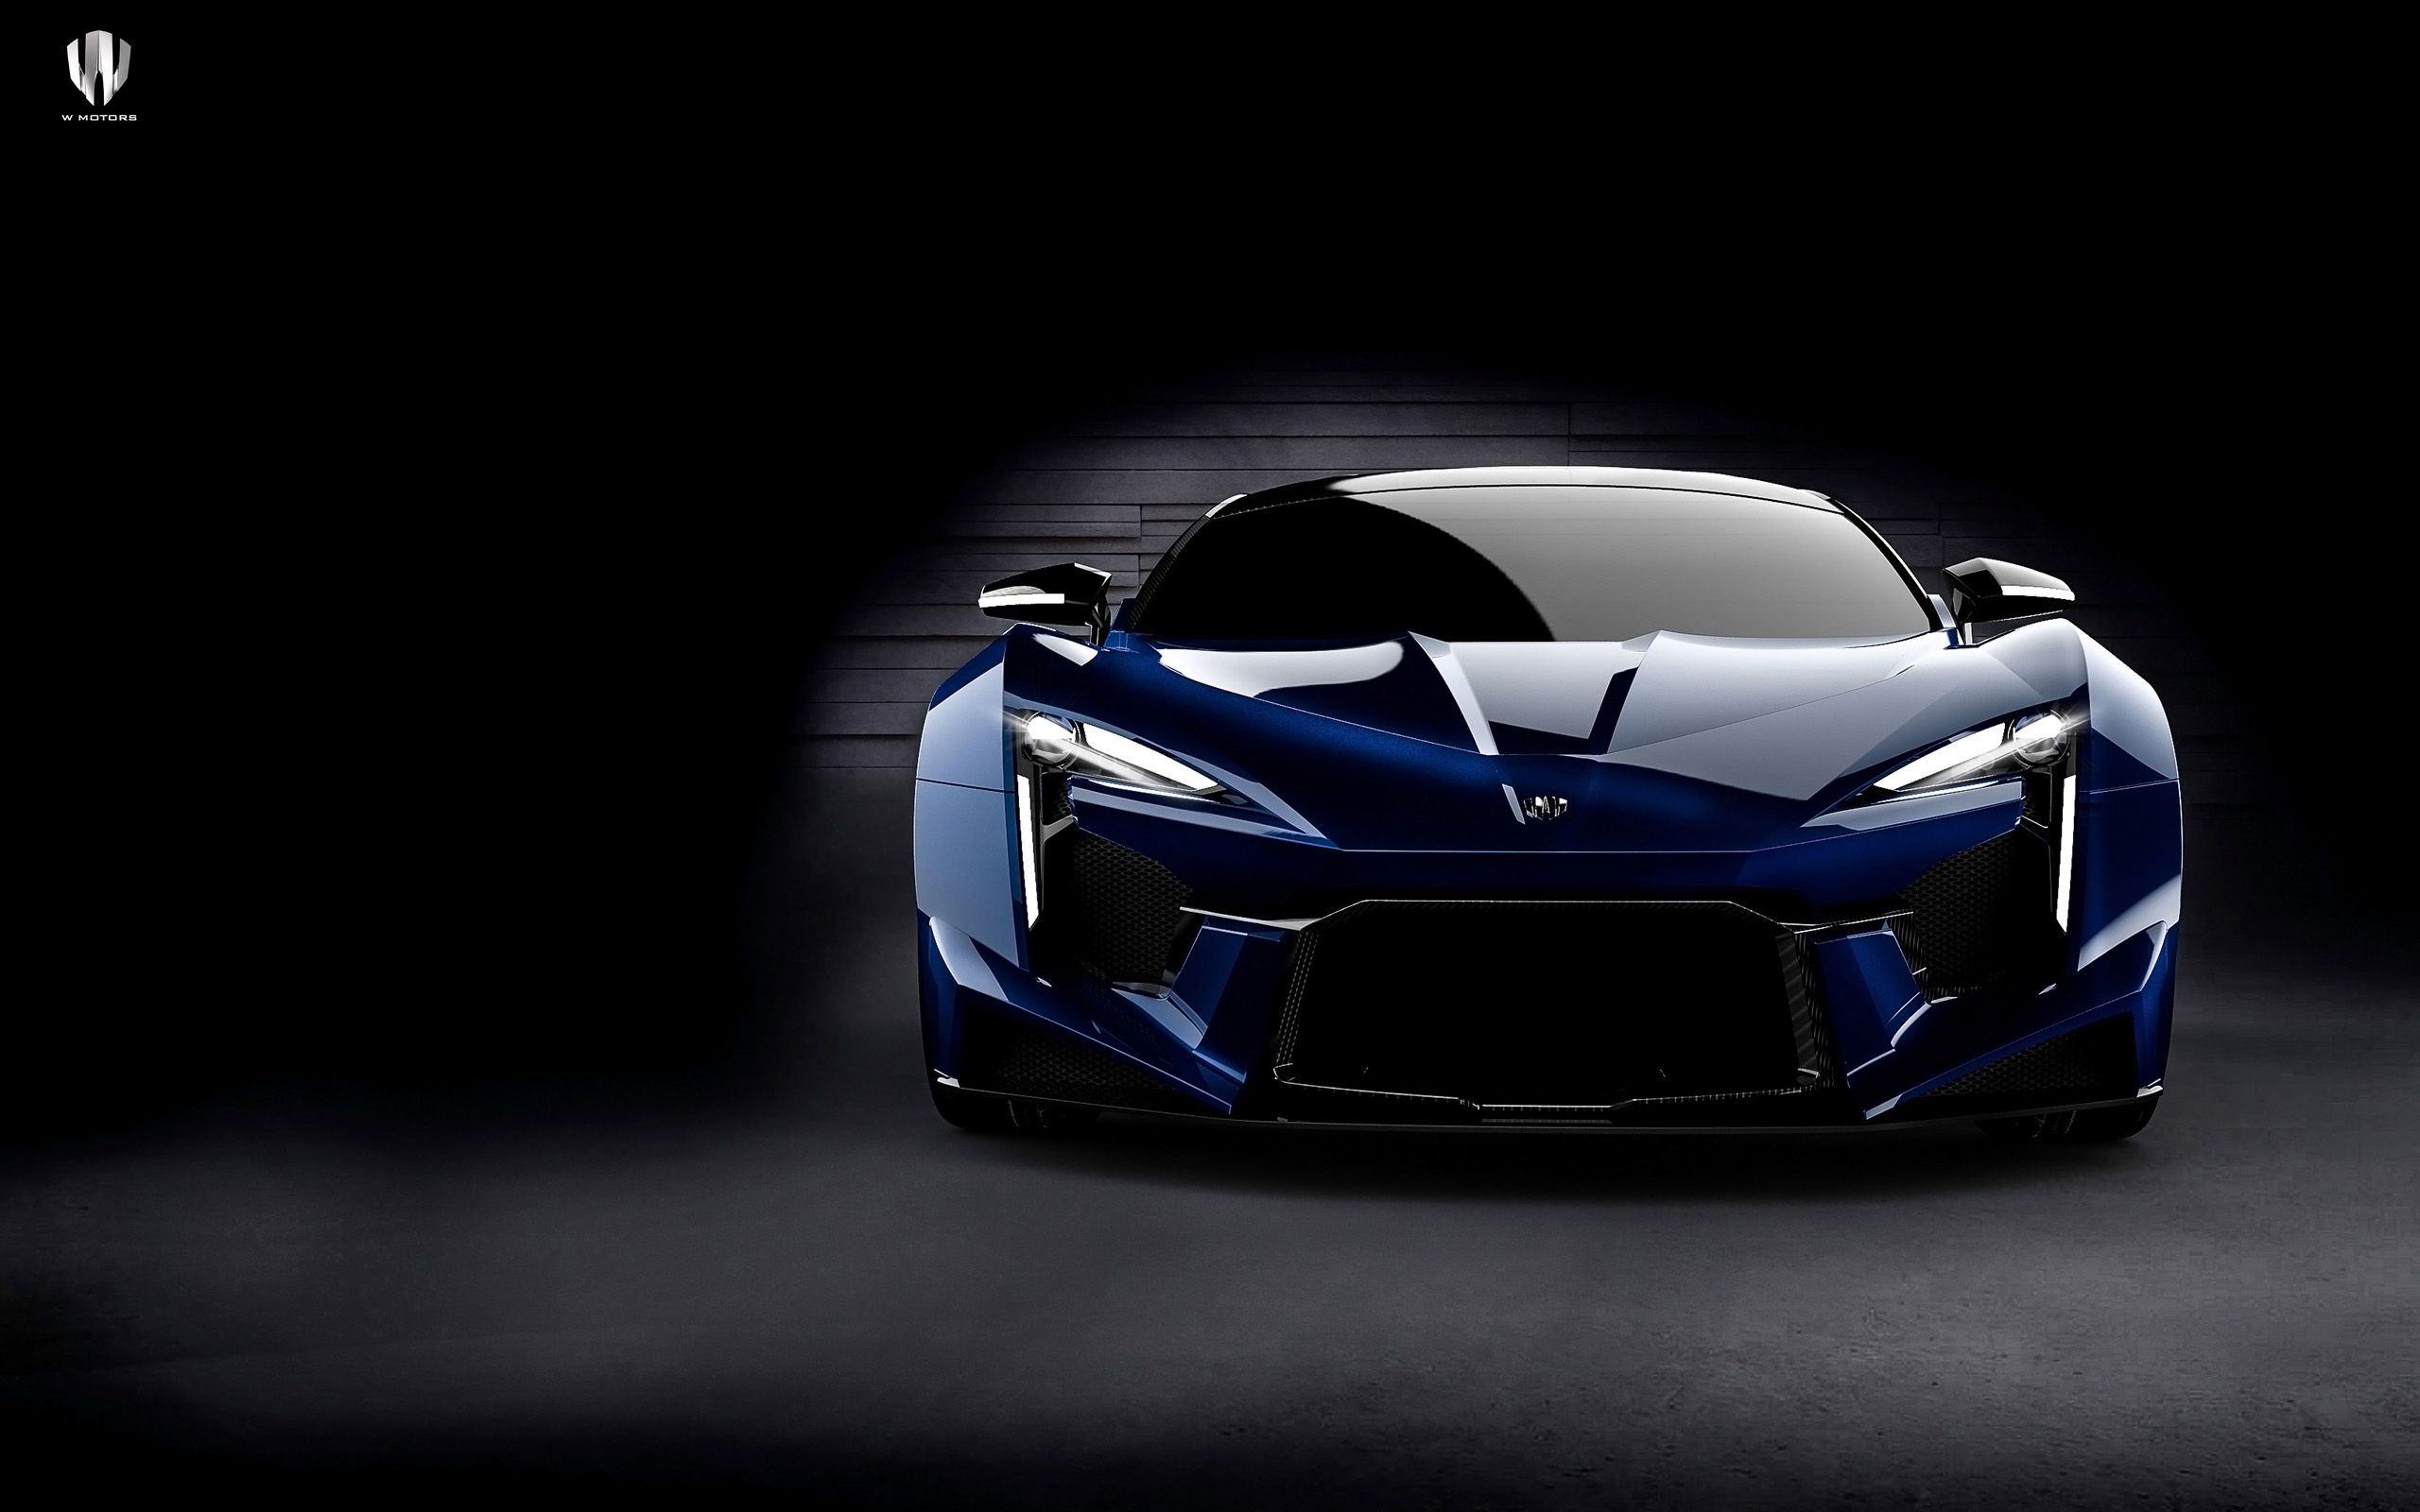 Cheapest Sport Car Wallpaper 2020 In 2020 Cool Sports Cars Super Cars Super Sport Cars